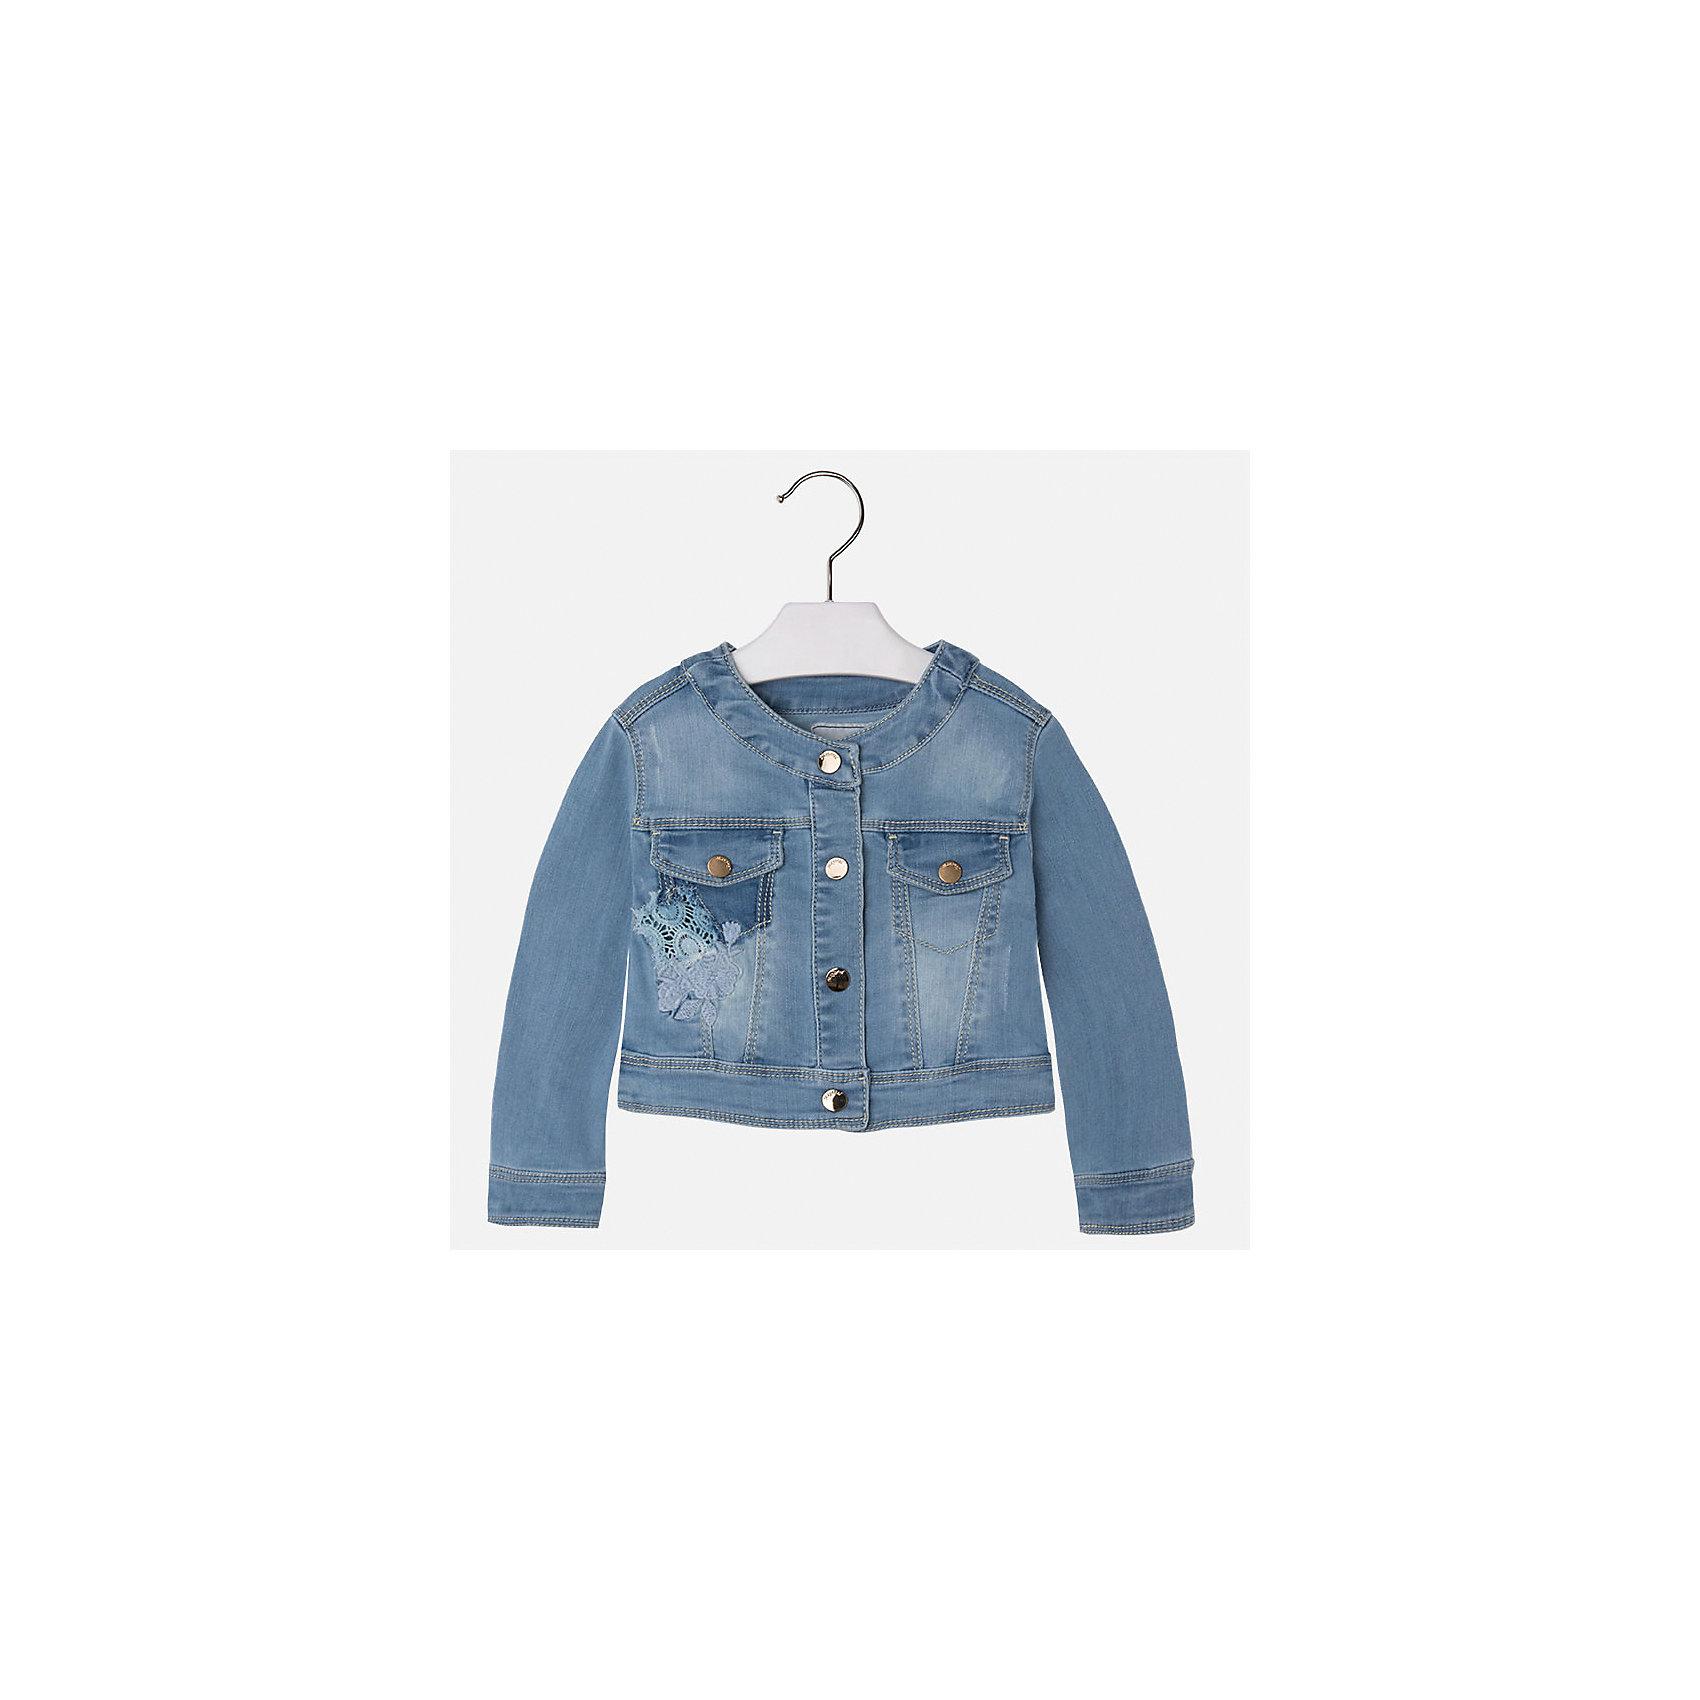 Куртка джинсовая для девочки MayoralДжинсовая одежда<br>Характеристики товара:<br><br>• цвет: голубой<br>• состав: 81% полиэстер, 17% вискоза, 2% эластан<br>• температурный режим: от +20°до +10°С<br>• вышивка<br>• карманы<br>• с длинными рукавами <br>• застежки: кнопки<br>• страна бренда: Испания<br><br>Удобная и модная куртка для девочки поможет разнообразить гардероб ребенка и обеспечить тепло в прохладную погоду. Она отлично сочетается и с юбками, и с брюками. Красивый цвет позволяет подобрать к вещи низ различных расцветок. Интересная отделка модели делает её нарядной и стильной. Оригинальной и модной куртку делает красивая вышивка.<br><br>Одежда, обувь и аксессуары от испанского бренда Mayoral полюбились детям и взрослым по всему миру. Модели этой марки - стильные и удобные. Для их производства используются только безопасные, качественные материалы и фурнитура. Порадуйте ребенка модными и красивыми вещами от Mayoral! <br><br>Куртку для девочки от испанского бренда Mayoral (Майорал) можно купить в нашем интернет-магазине.<br><br>Ширина мм: 356<br>Глубина мм: 10<br>Высота мм: 245<br>Вес г: 519<br>Цвет: синий<br>Возраст от месяцев: 96<br>Возраст до месяцев: 108<br>Пол: Женский<br>Возраст: Детский<br>Размер: 134,92,98,104,110,116,122,128<br>SKU: 5290127